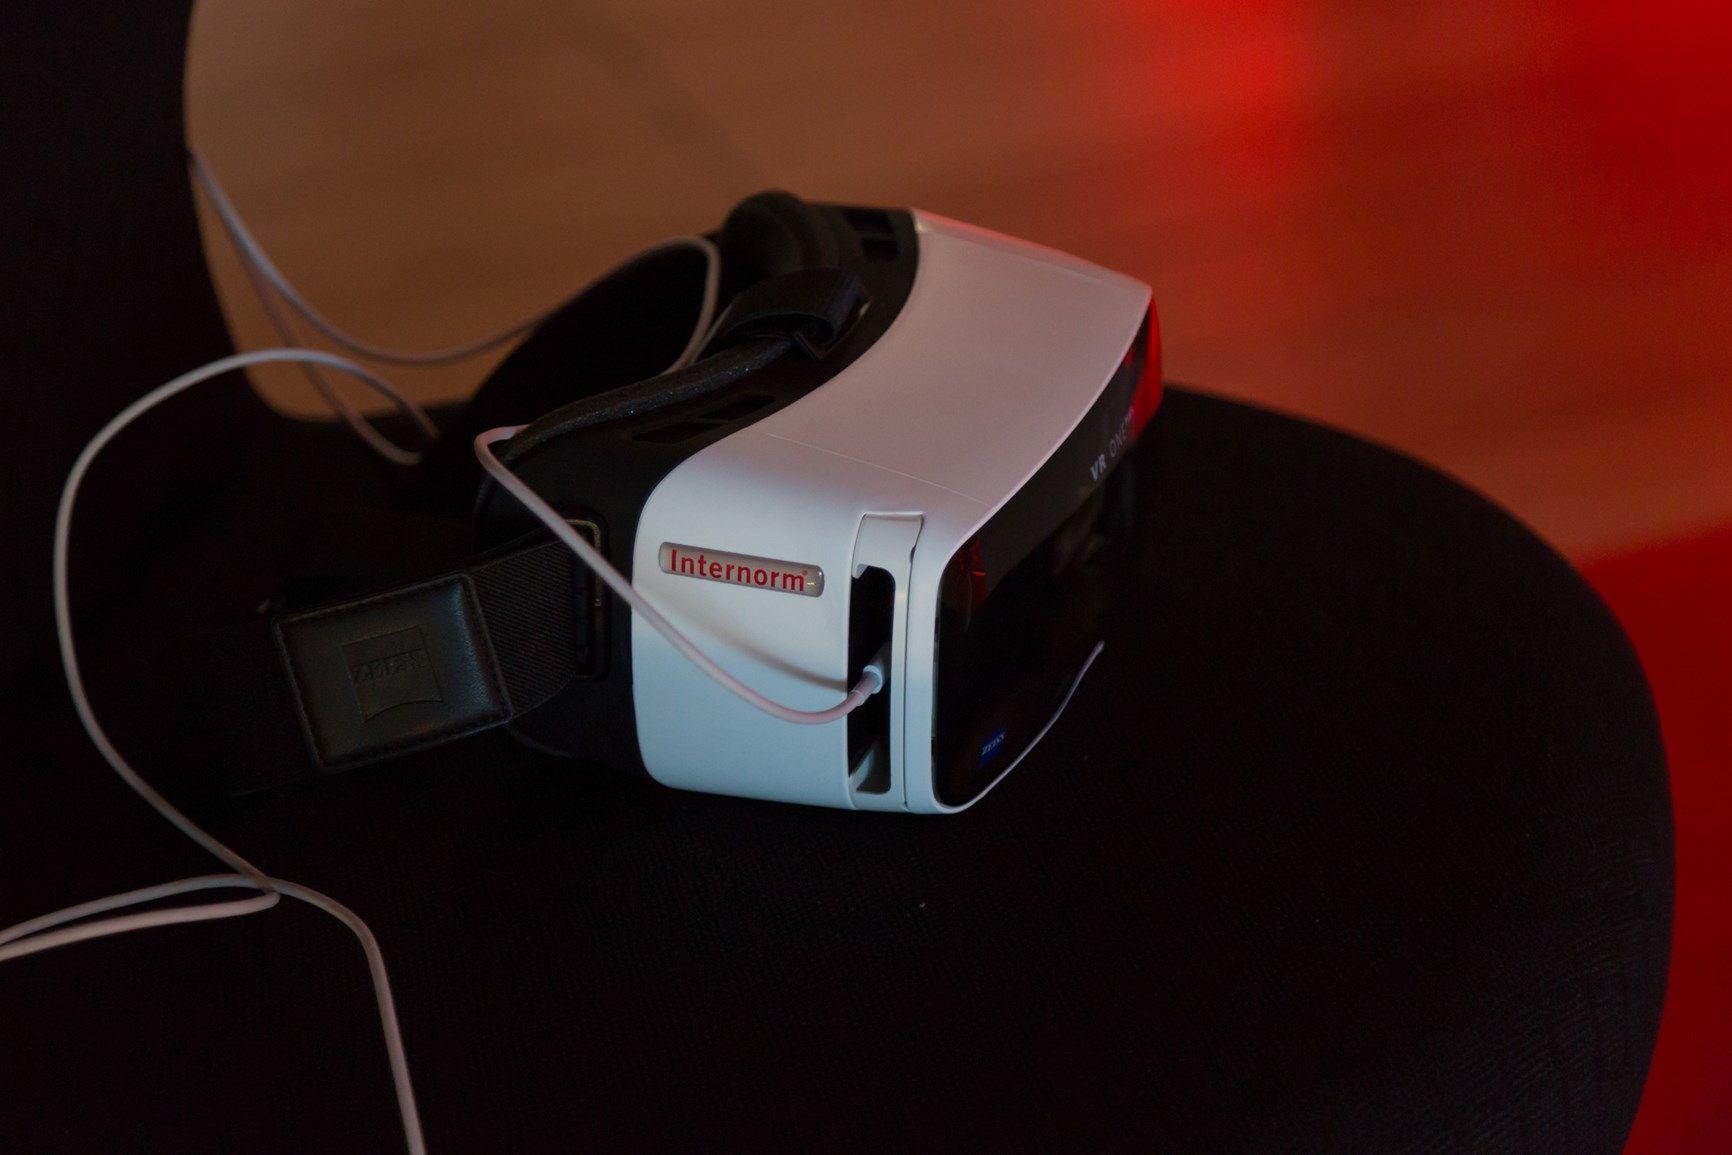 Al Klimahouse Internorm presenta le finestre con realtà aumentata